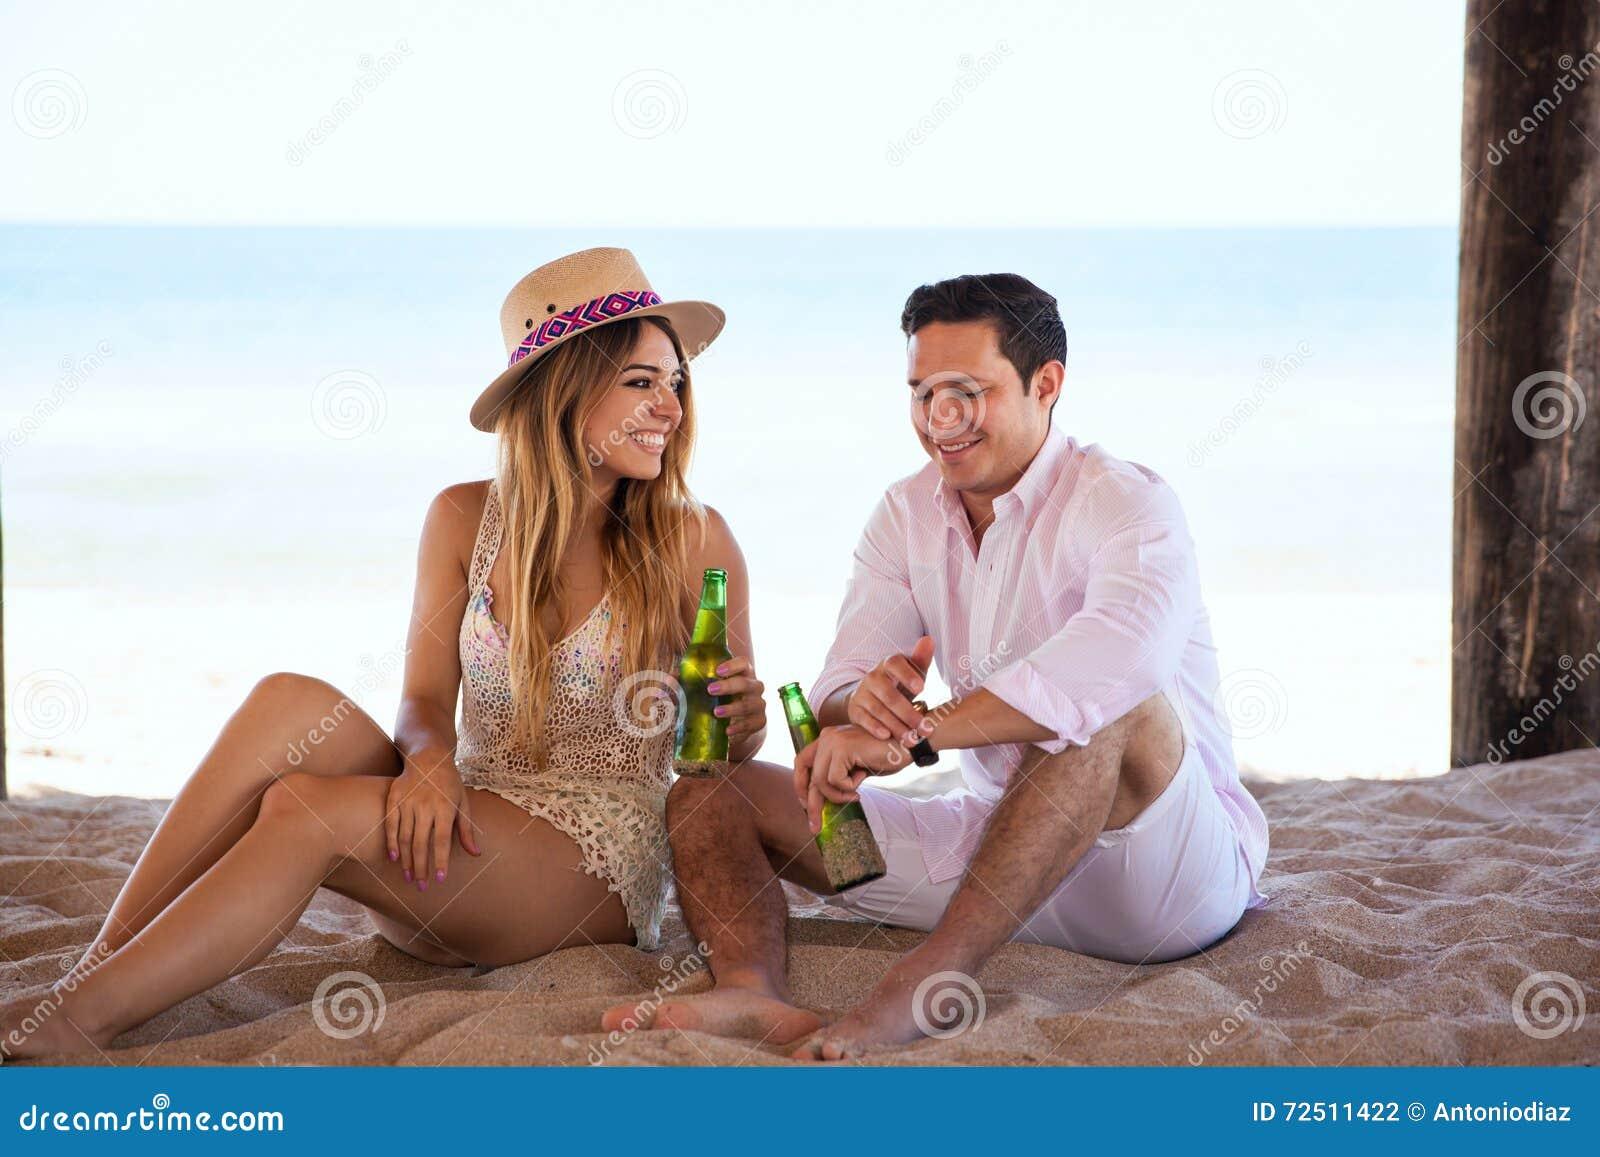 Rilassandosi alla spiaggia e flirtare